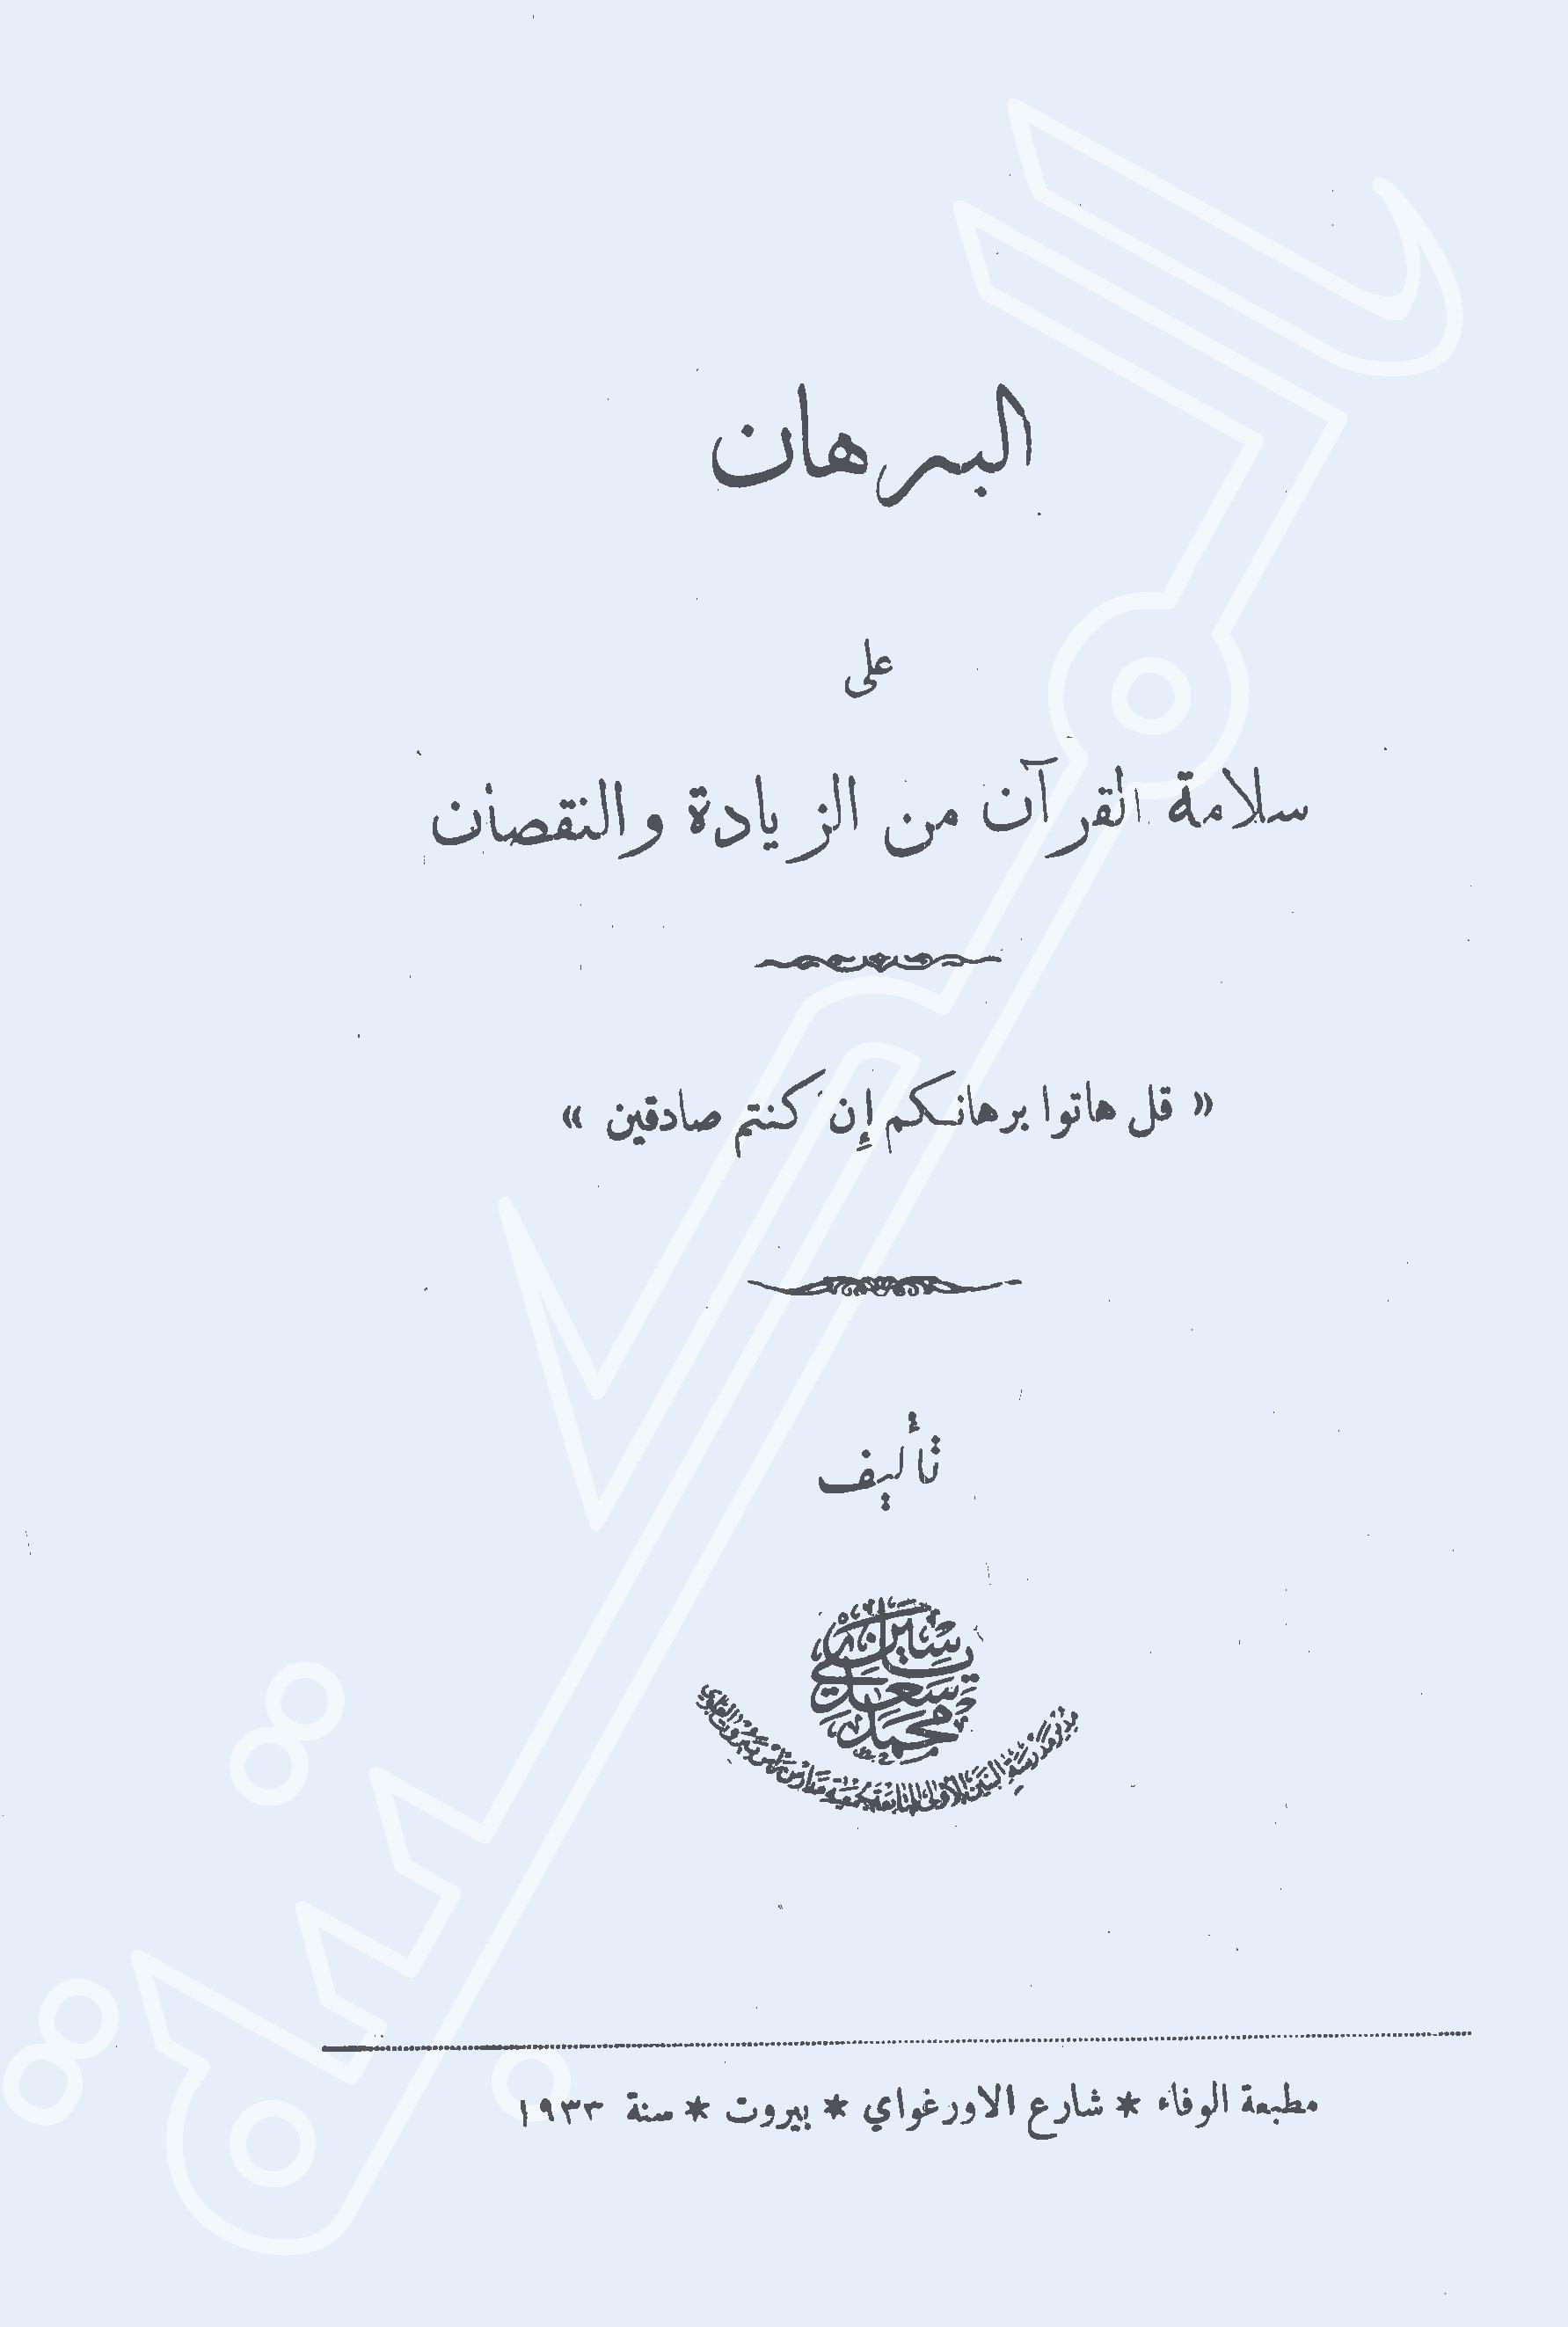 تحميل كتاب البرهان على سلامة القرآن من الزيادة والنقصان لـِ: الشيخ محمد سعدي بن أسعد ياسين الصباغ الدمشقي، ثم البيروتي (ت 1399)